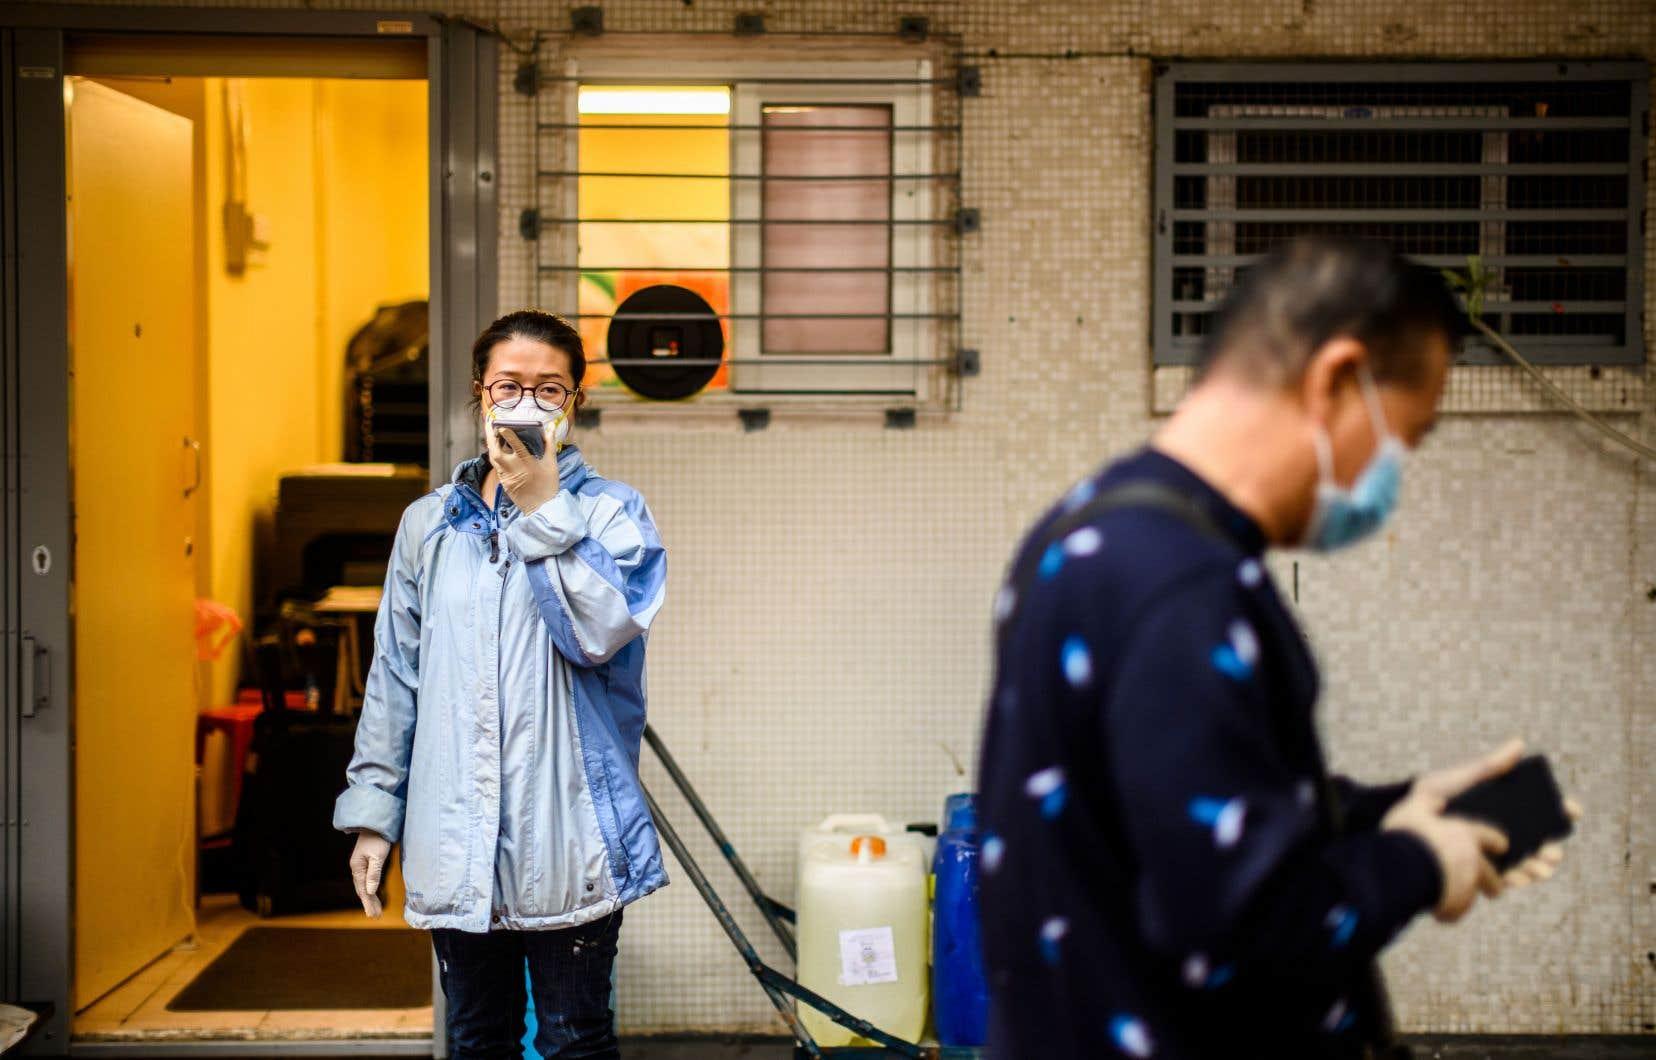 <p>Plus de 44200 personnes ont été contaminées répertoriés en Chine, selon des chiffres rendus publics par le gouvernement.</p>